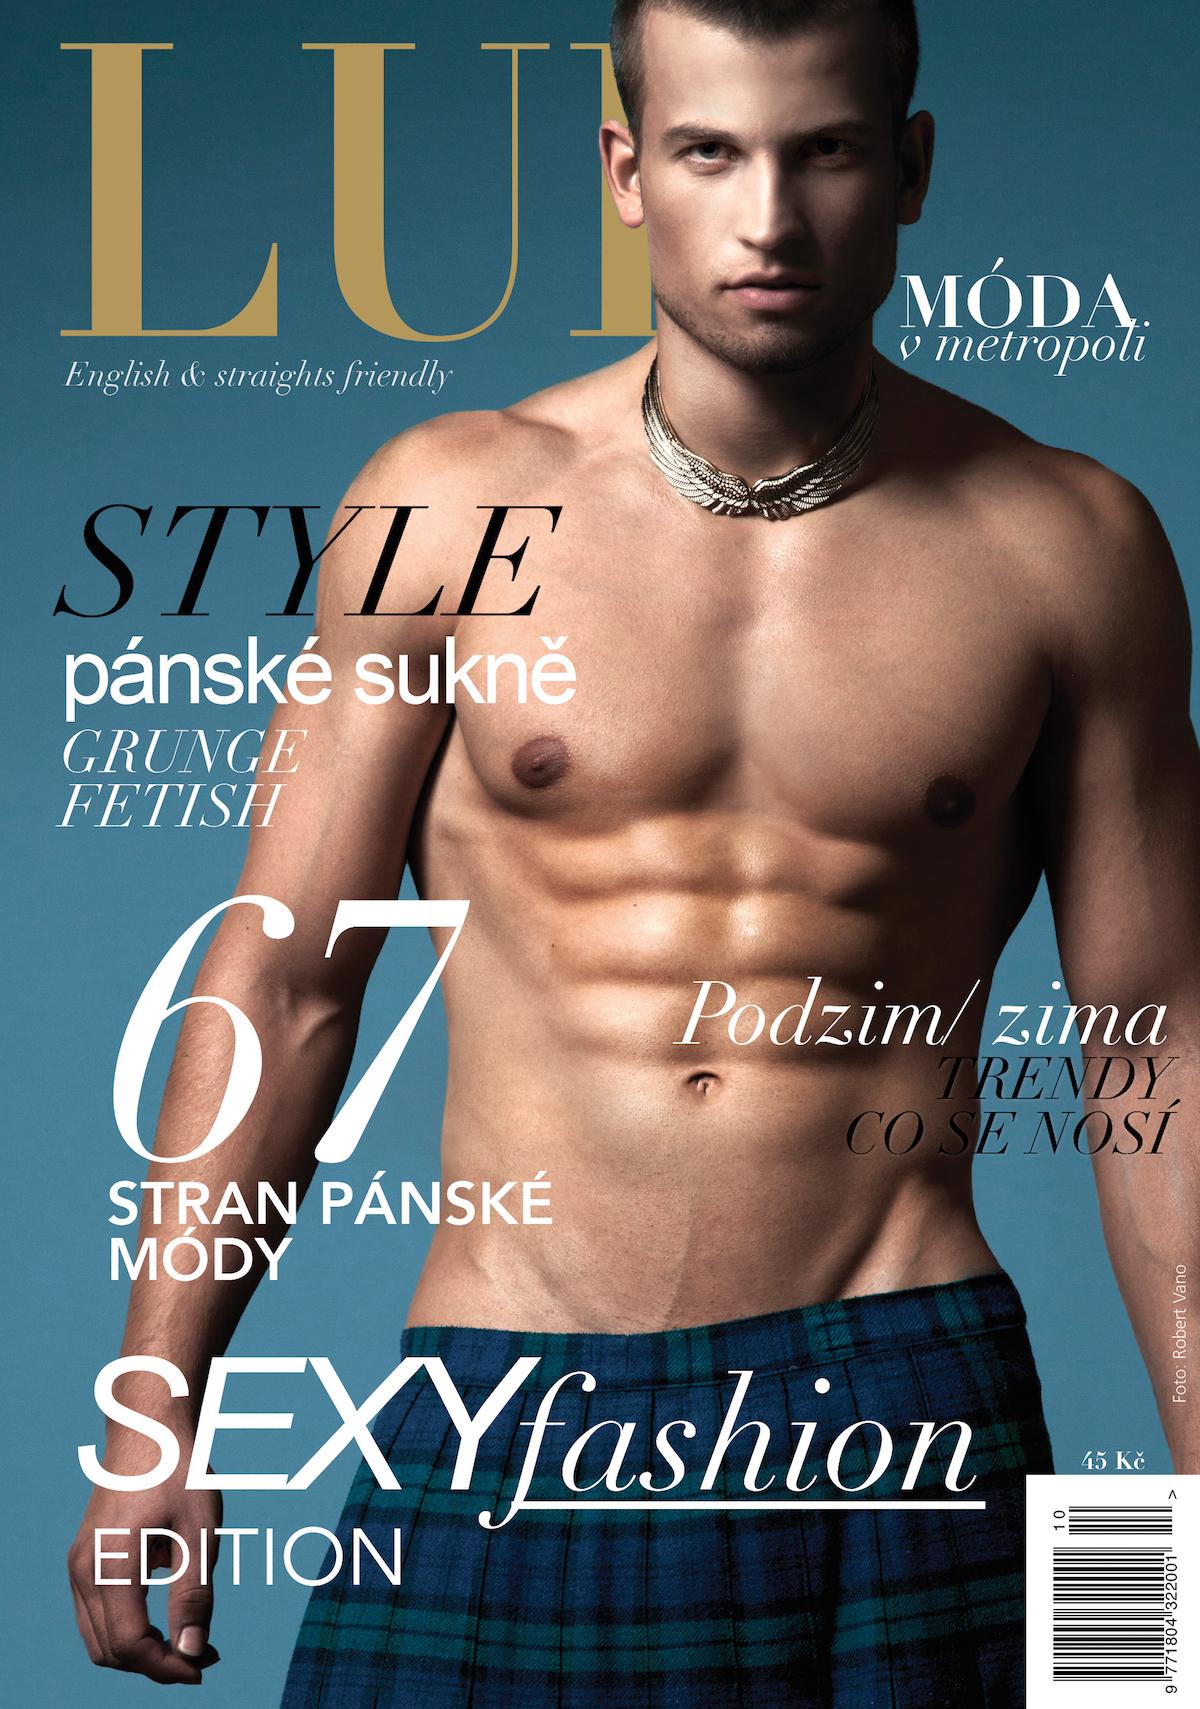 Předchozí podoba magazínu Lui